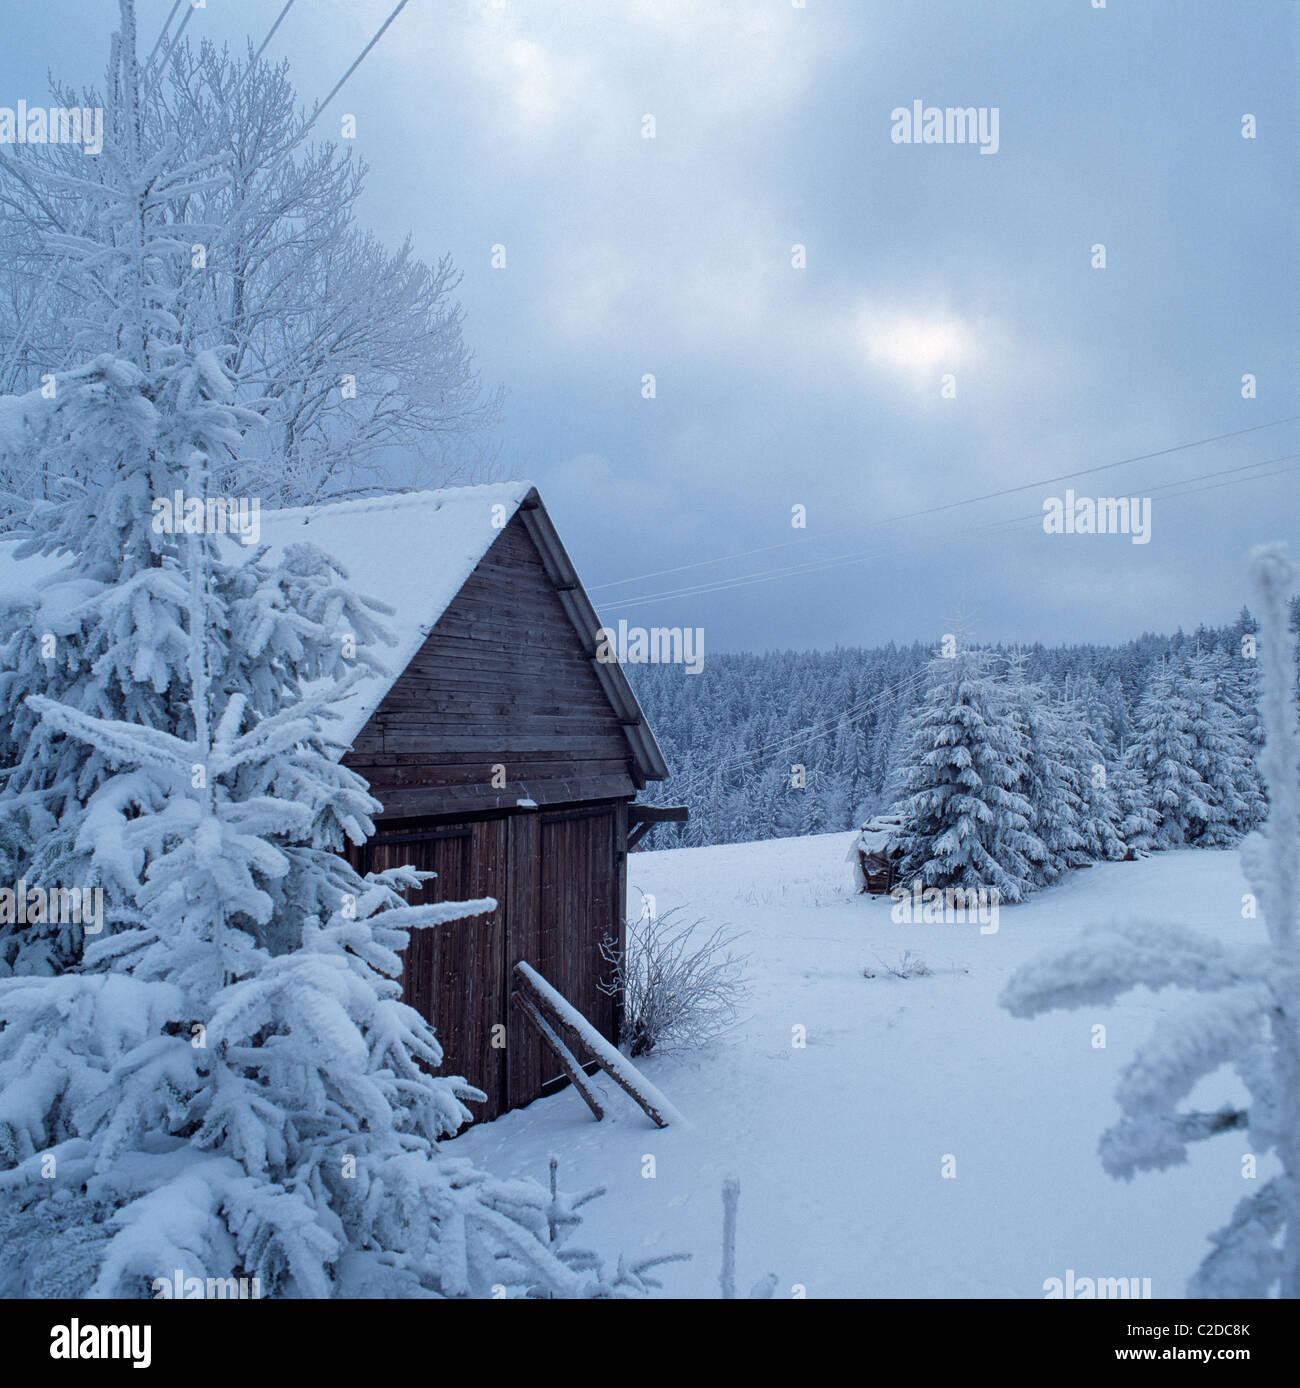 Winterlandschaft, verschneite Tannen und eine Holzhuette in Schoenwald im Schwarzwald, Gutachtal, Baden-Wuerttemberg - Stock Image